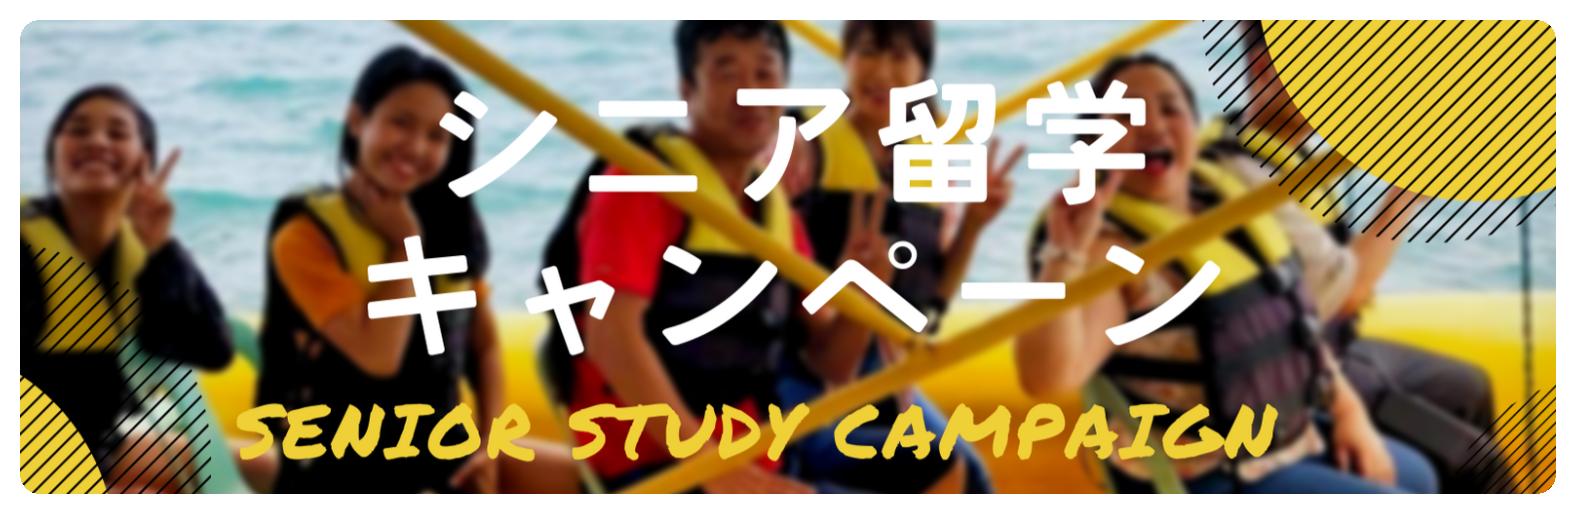 シニア留学キャンペーン